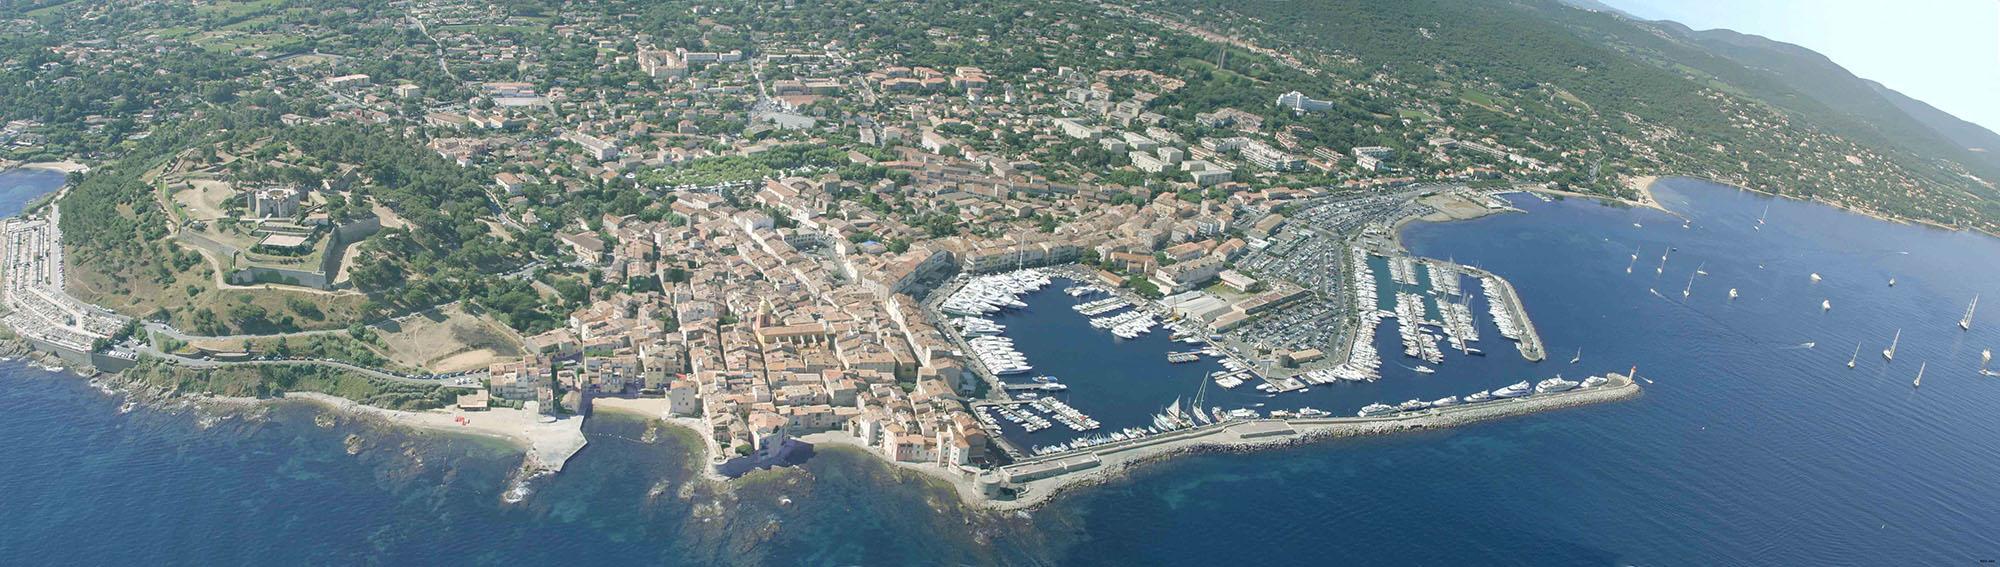 Agence immobilière Saint-Tropez Dream Houses